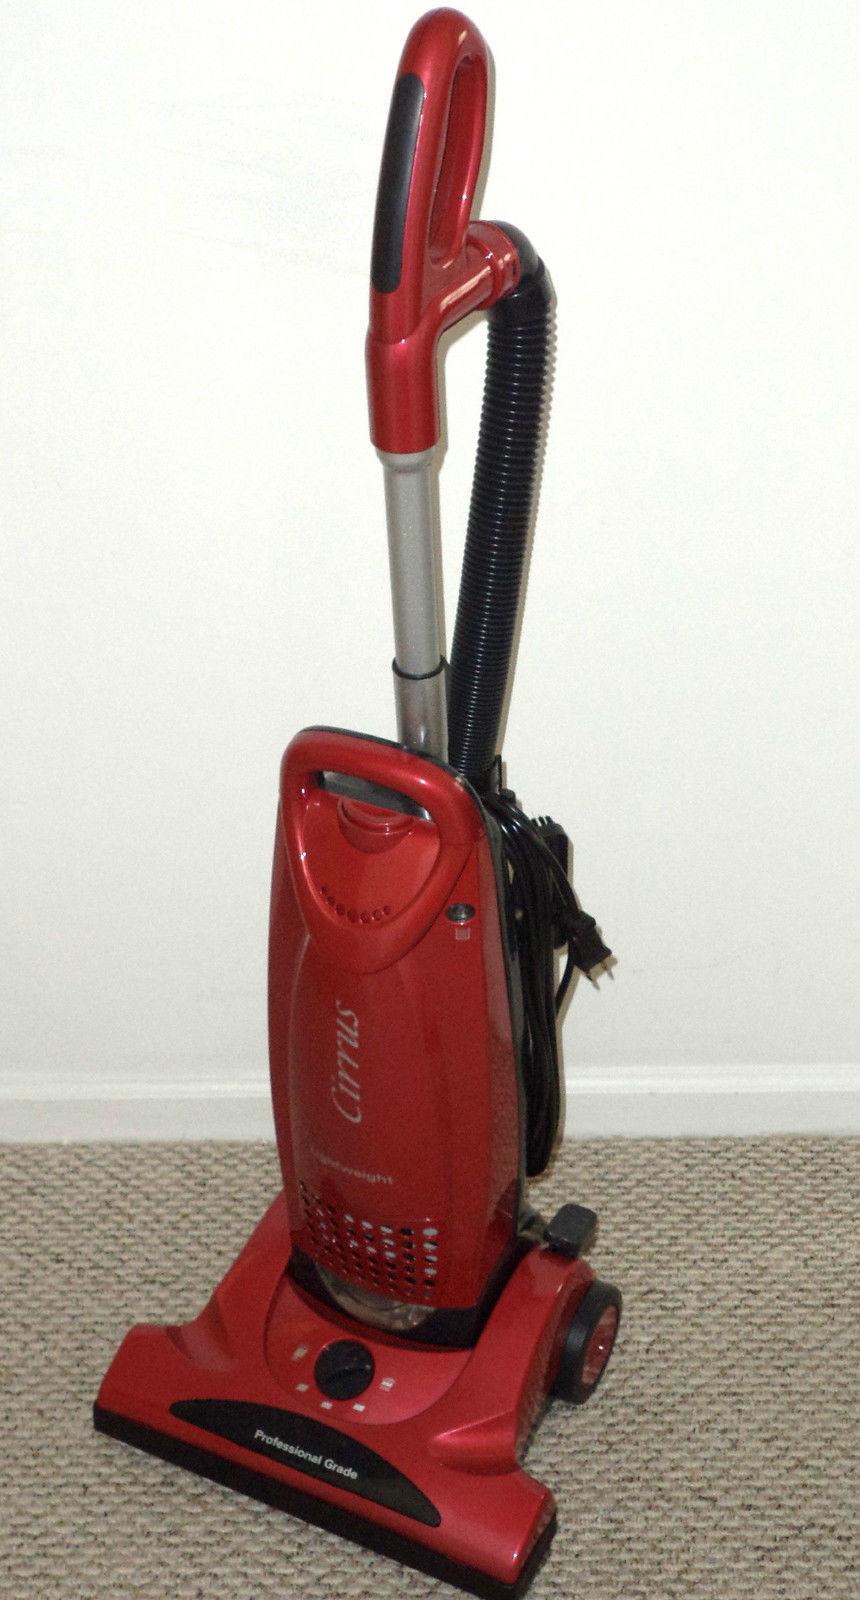 Cirrus Vacuum Cleaners Reviews Vacuumsguide Com